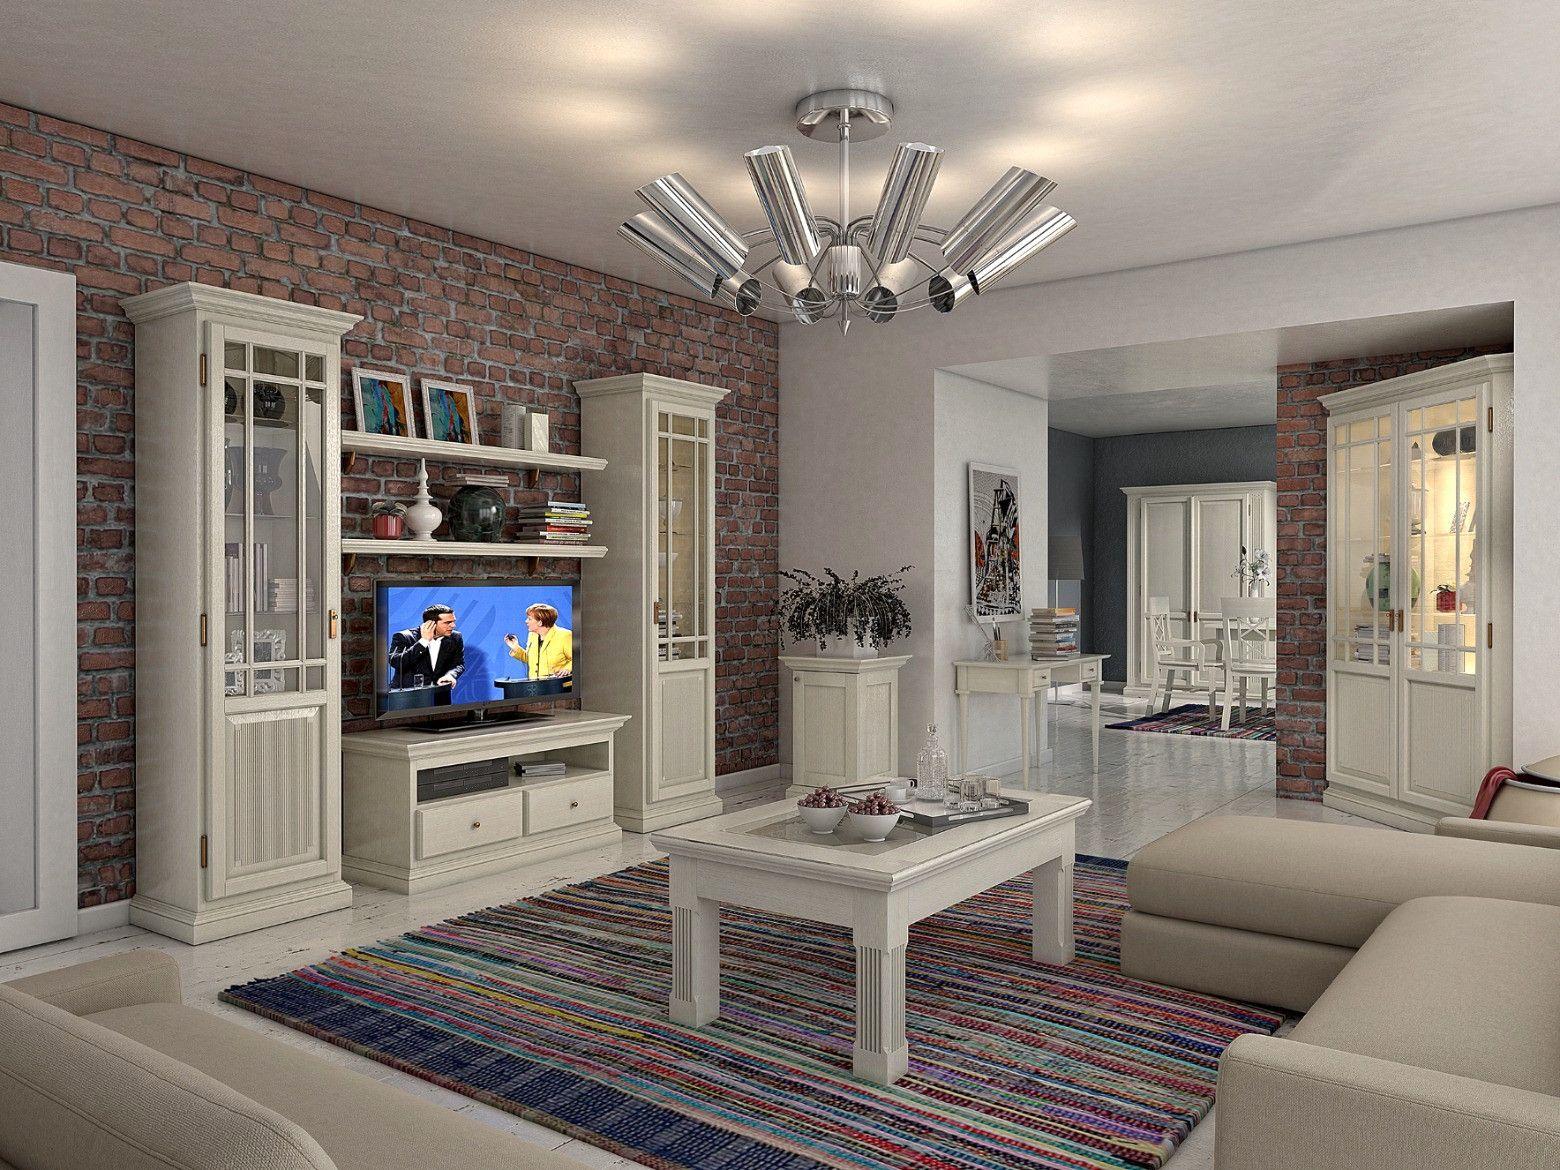 Wunderbar Landhaus Wohnzimmer Bilder